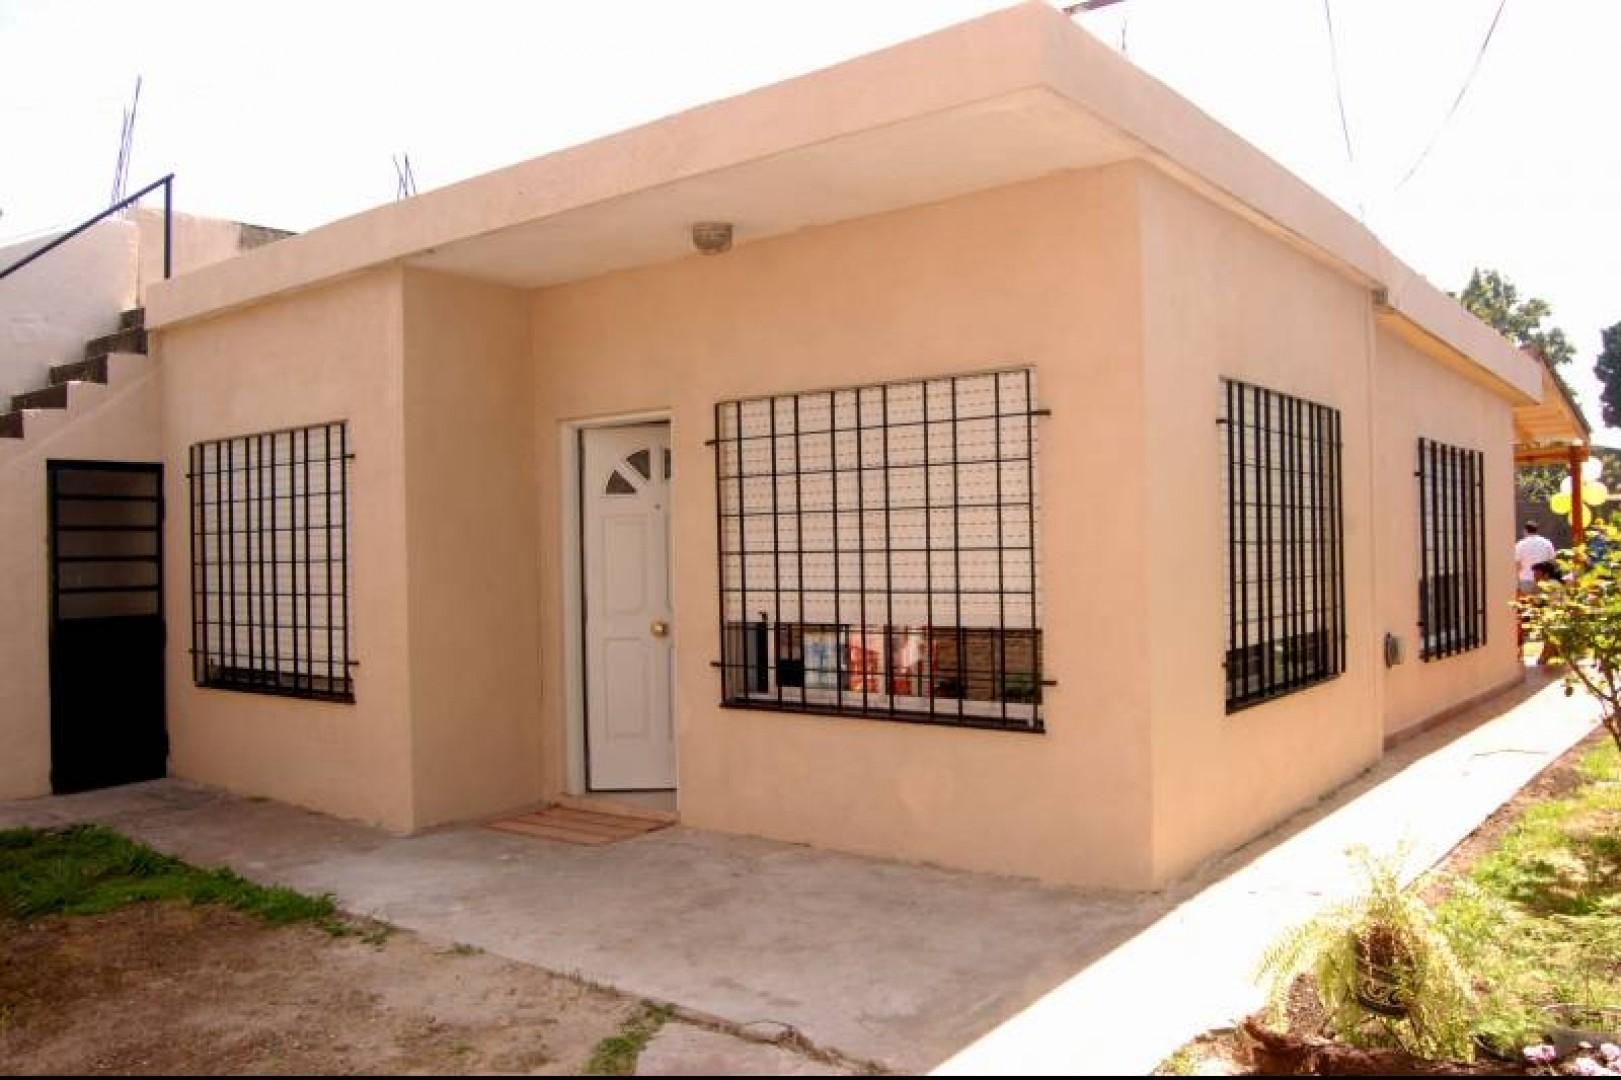 Venta de Casa de 3 Ambientes - LOTE 10x25 APROX